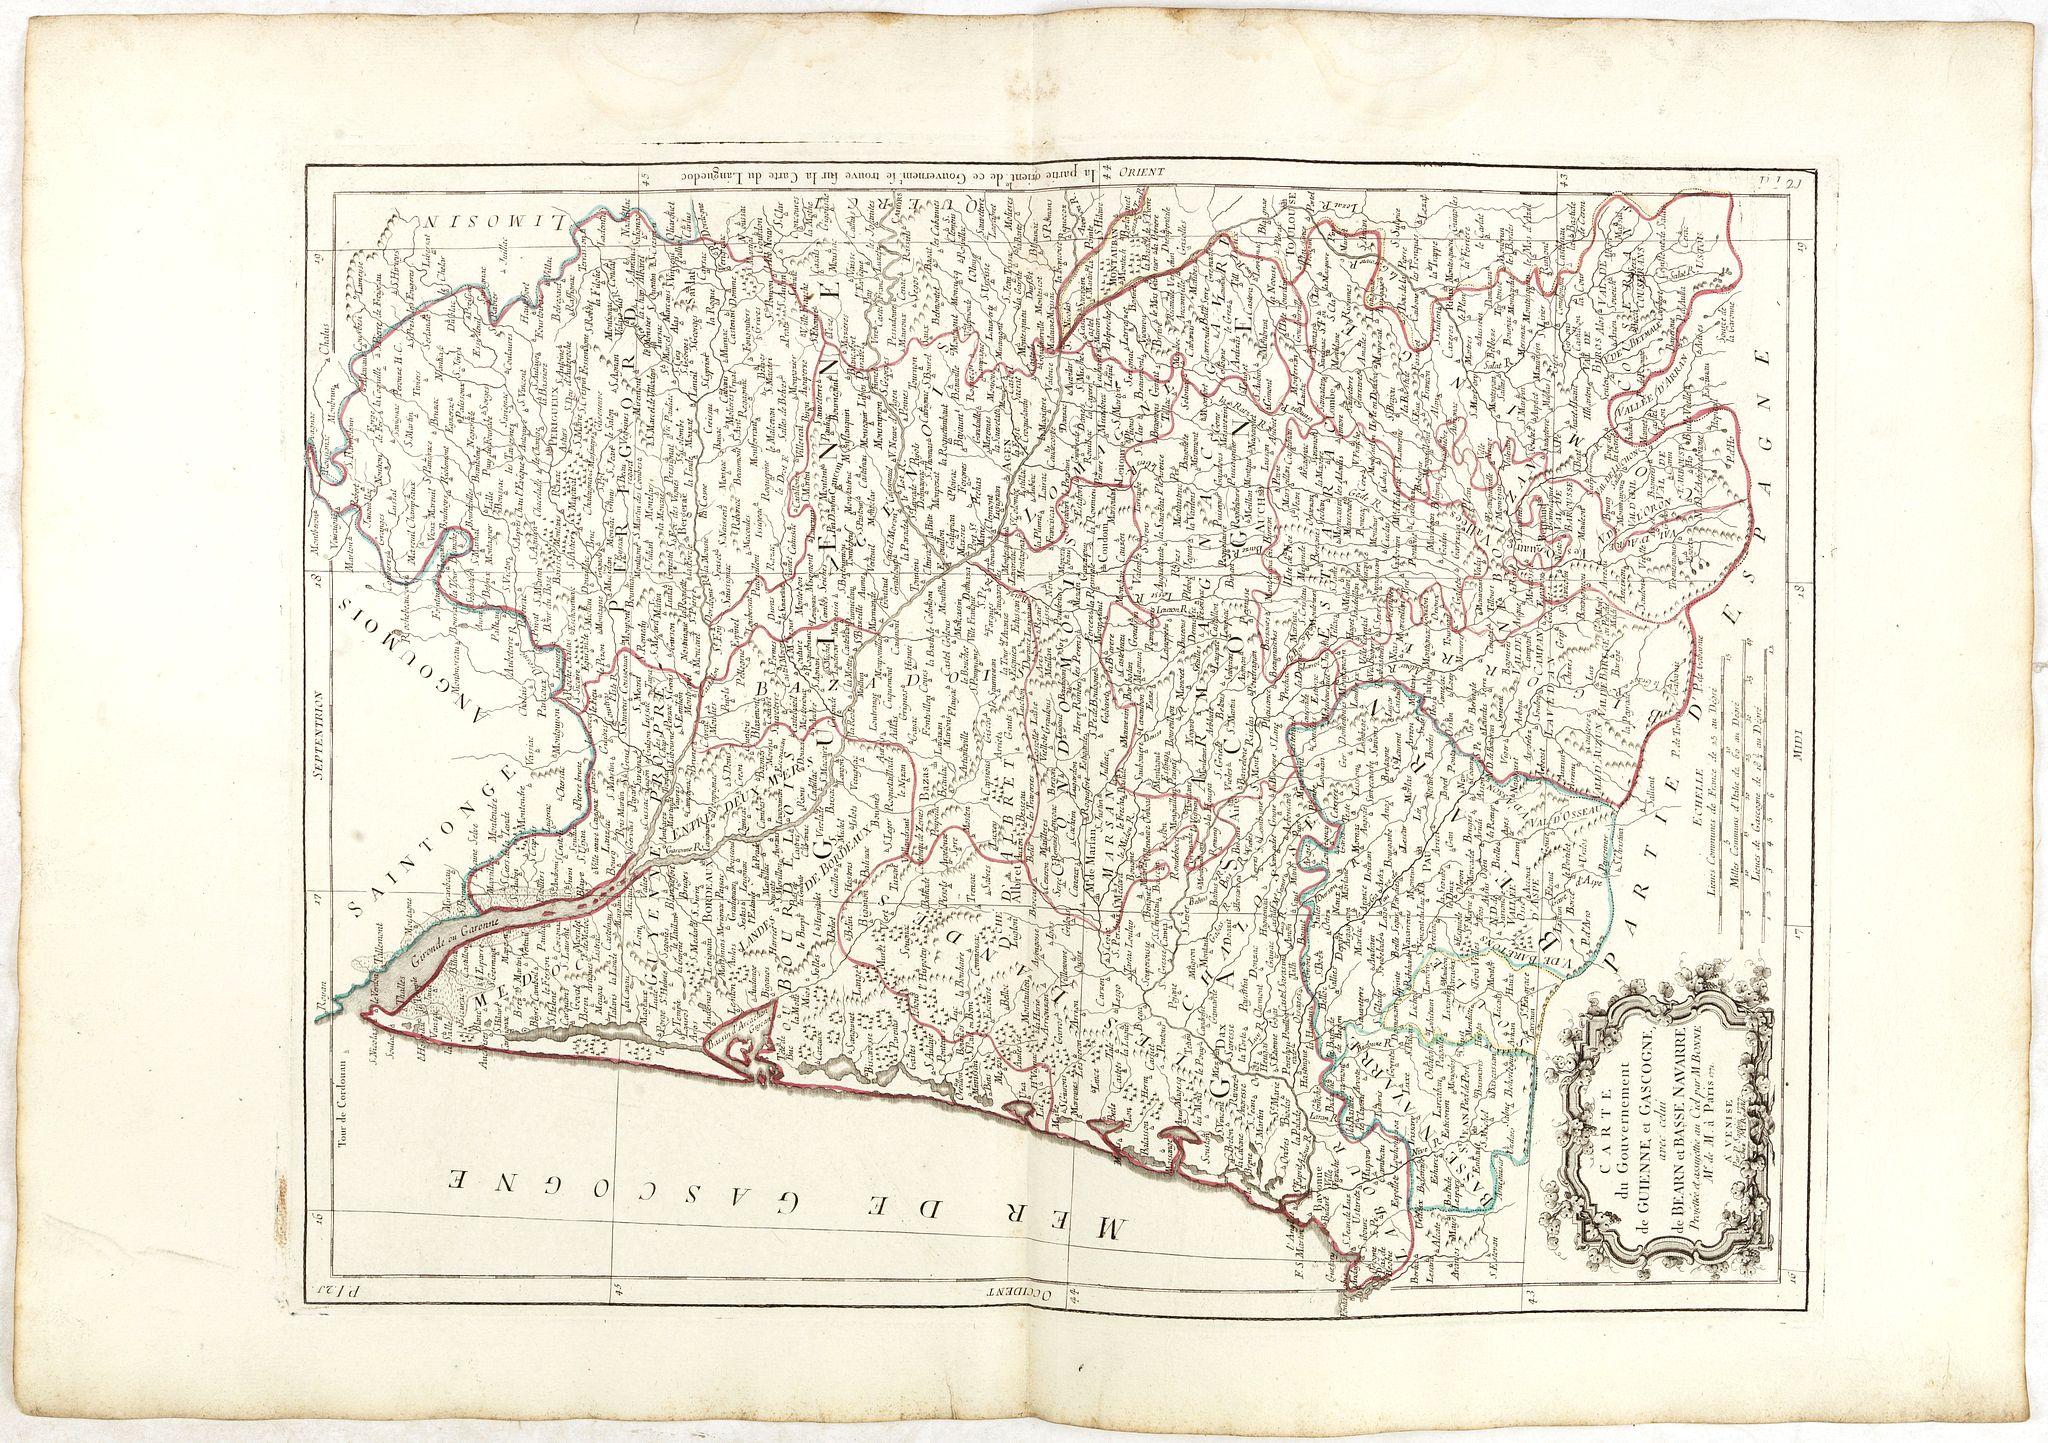 BONNE / SANTINI, P. / REMONDINI, M. -  Carte des Gouvernements de Guienne et Gascogne, avec celui de Bearn et basse Navarre.